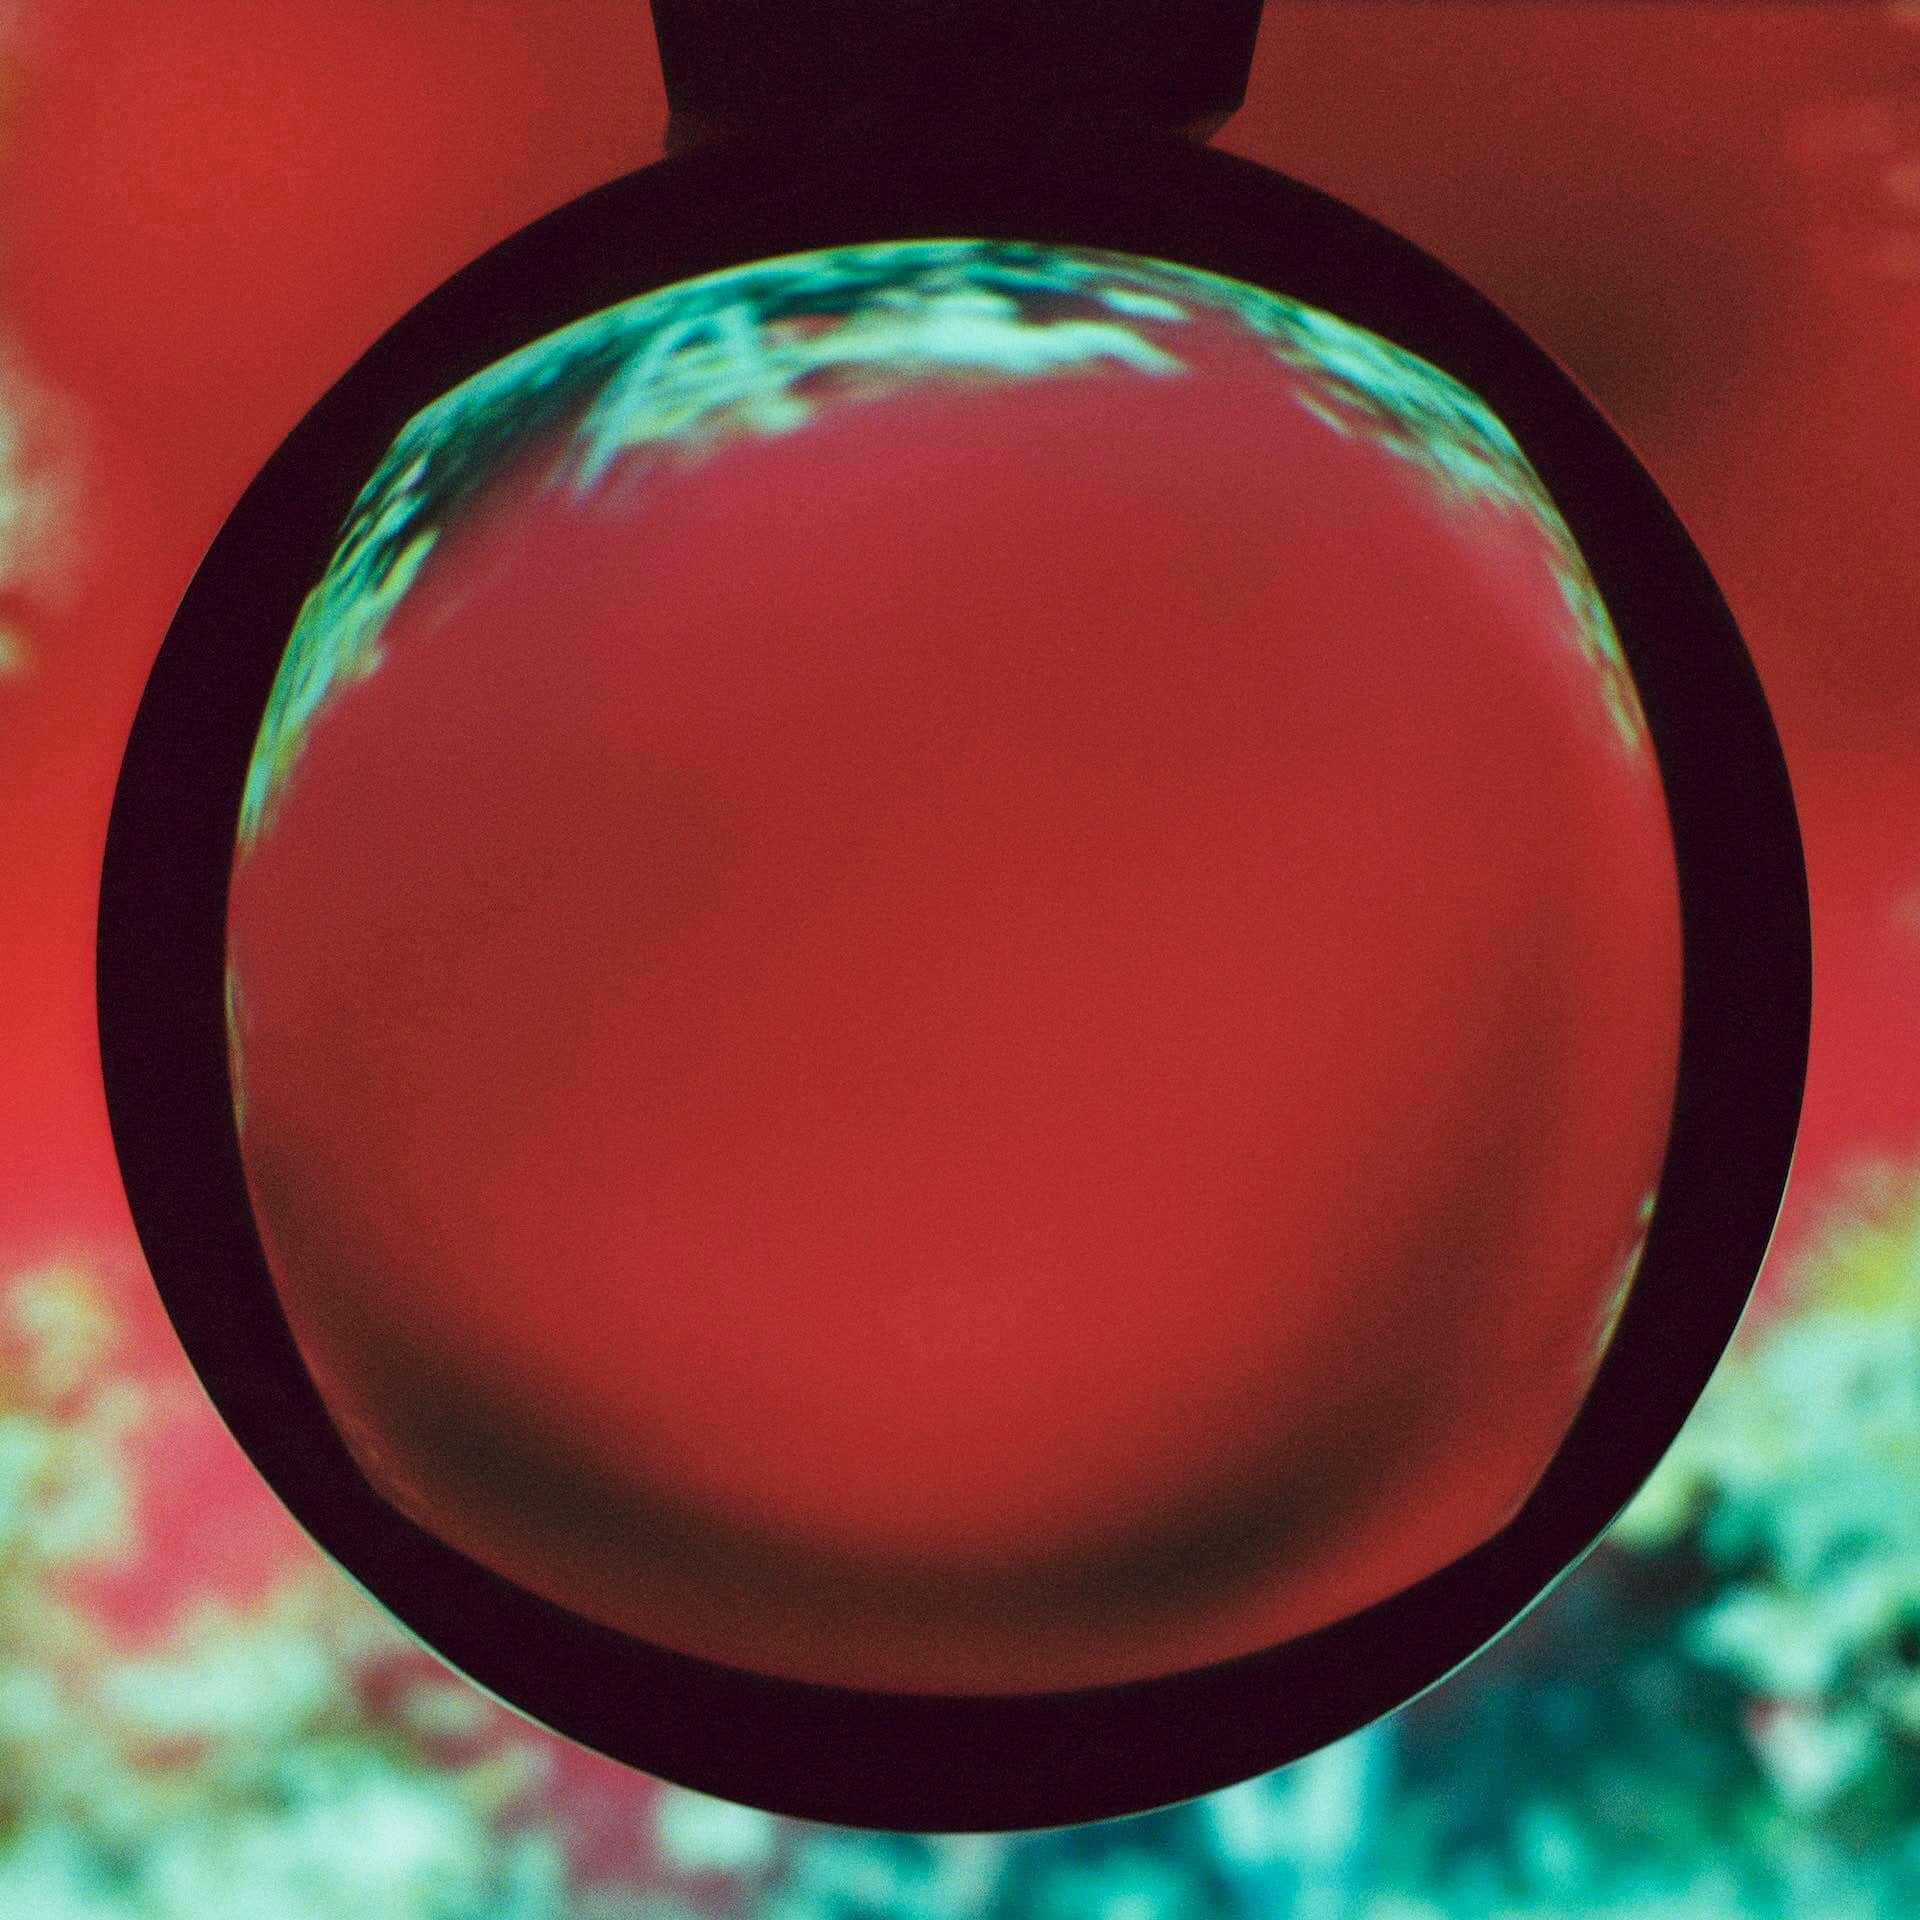 """Nicolas JaarとDave Harringtonによるデュオ・Darksideが7年ぶりの新曲""""Liberty Bell""""を公開!最新アルバムは来年春に〈Matador〉よりリリース music201222_darkside_1-1920x1920"""